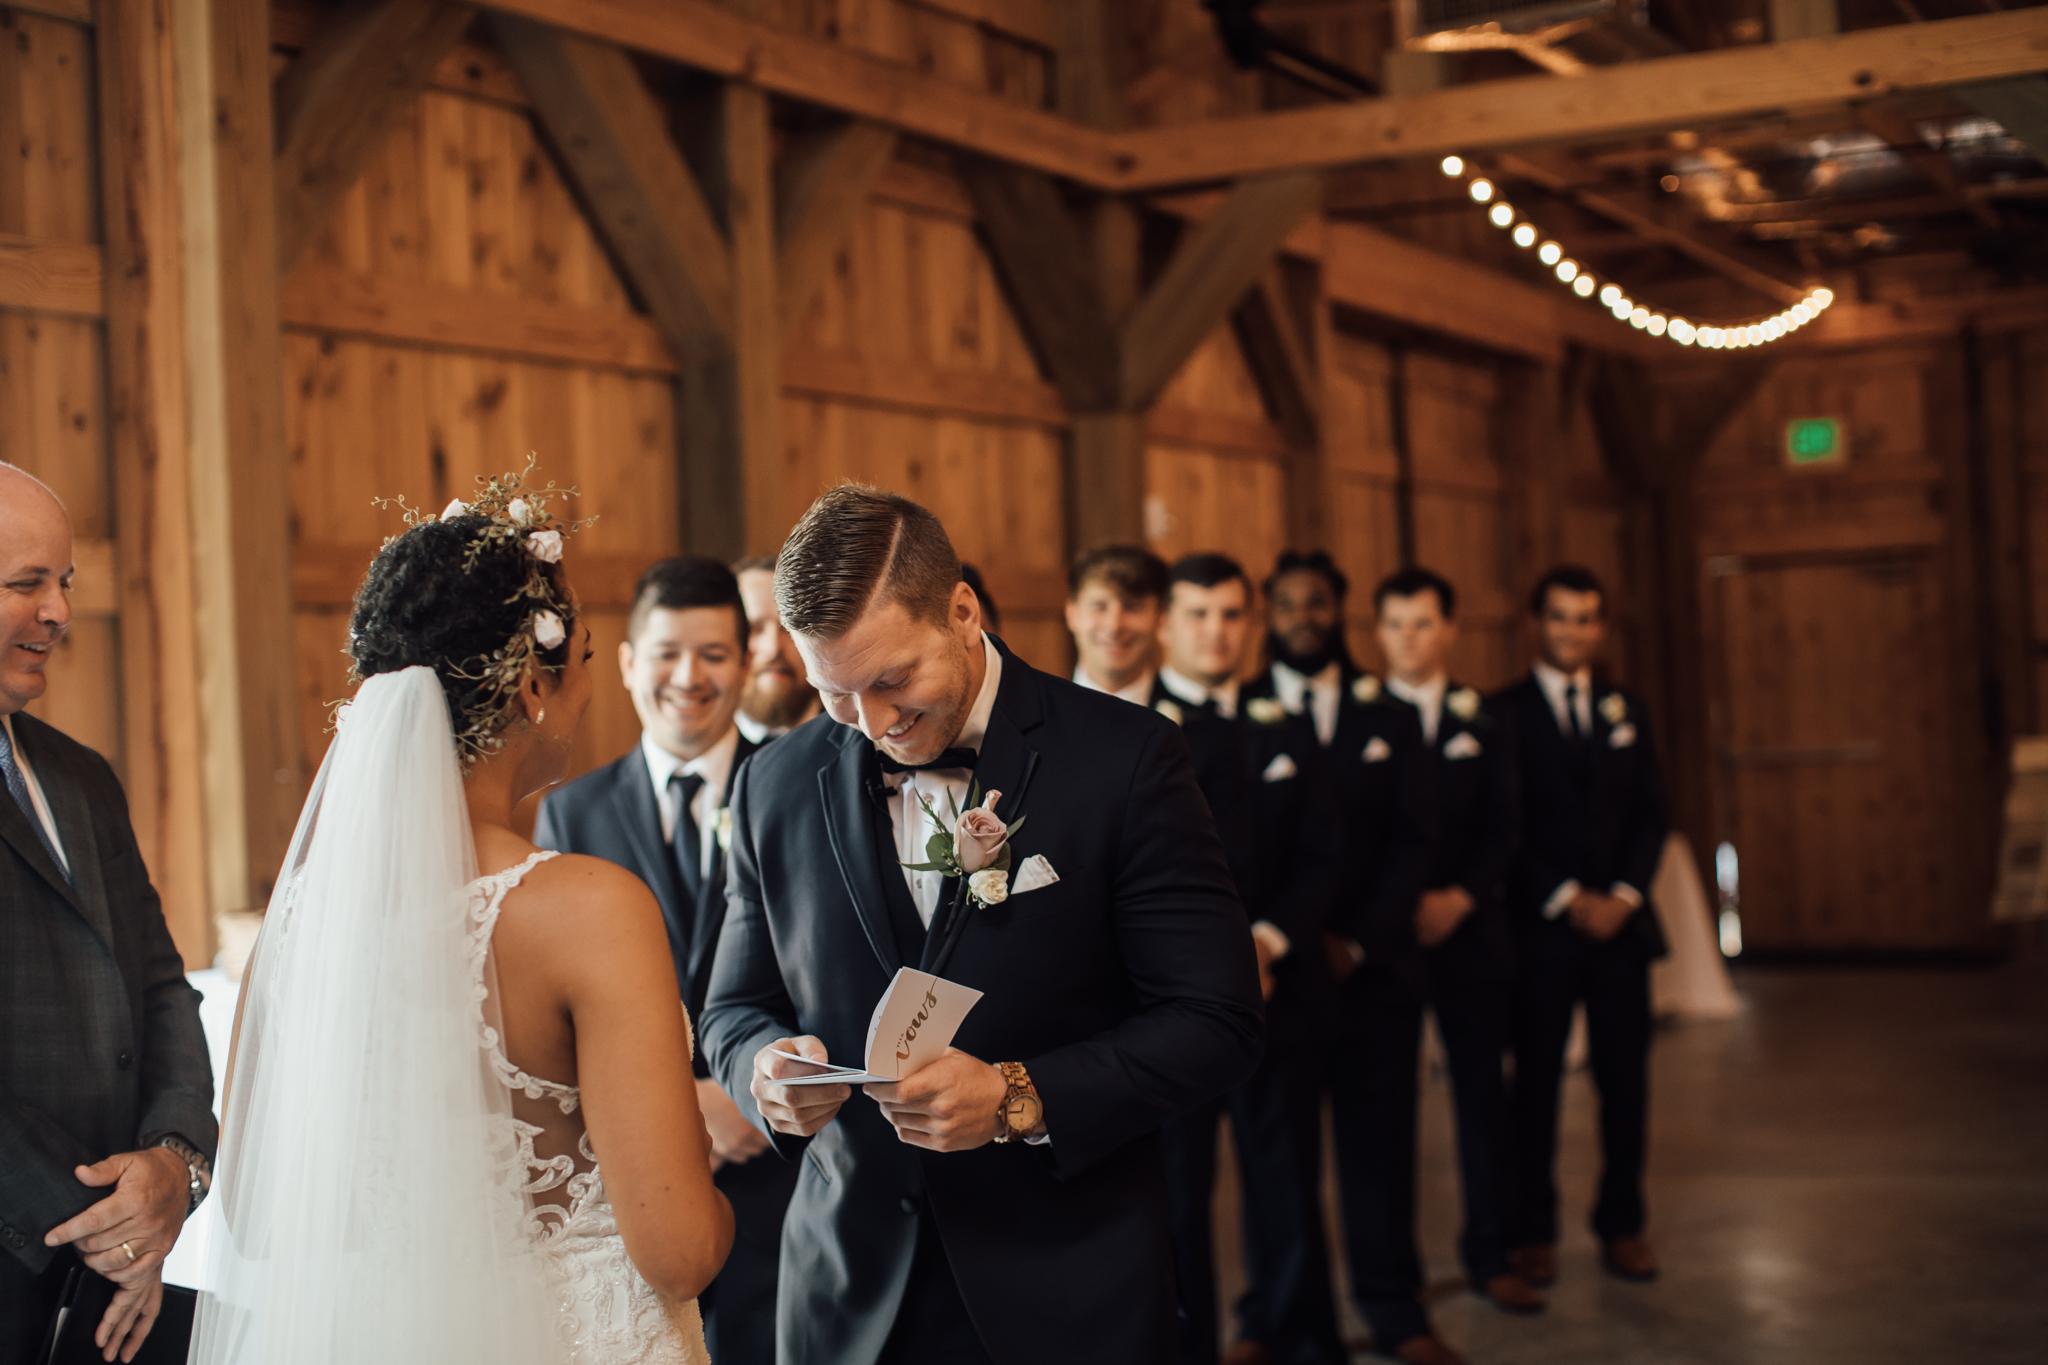 saddlewoodsfarms-nashville-wedding-photographer-thewarmtharoundyou-rustic-wedding (27 of 251).jpg